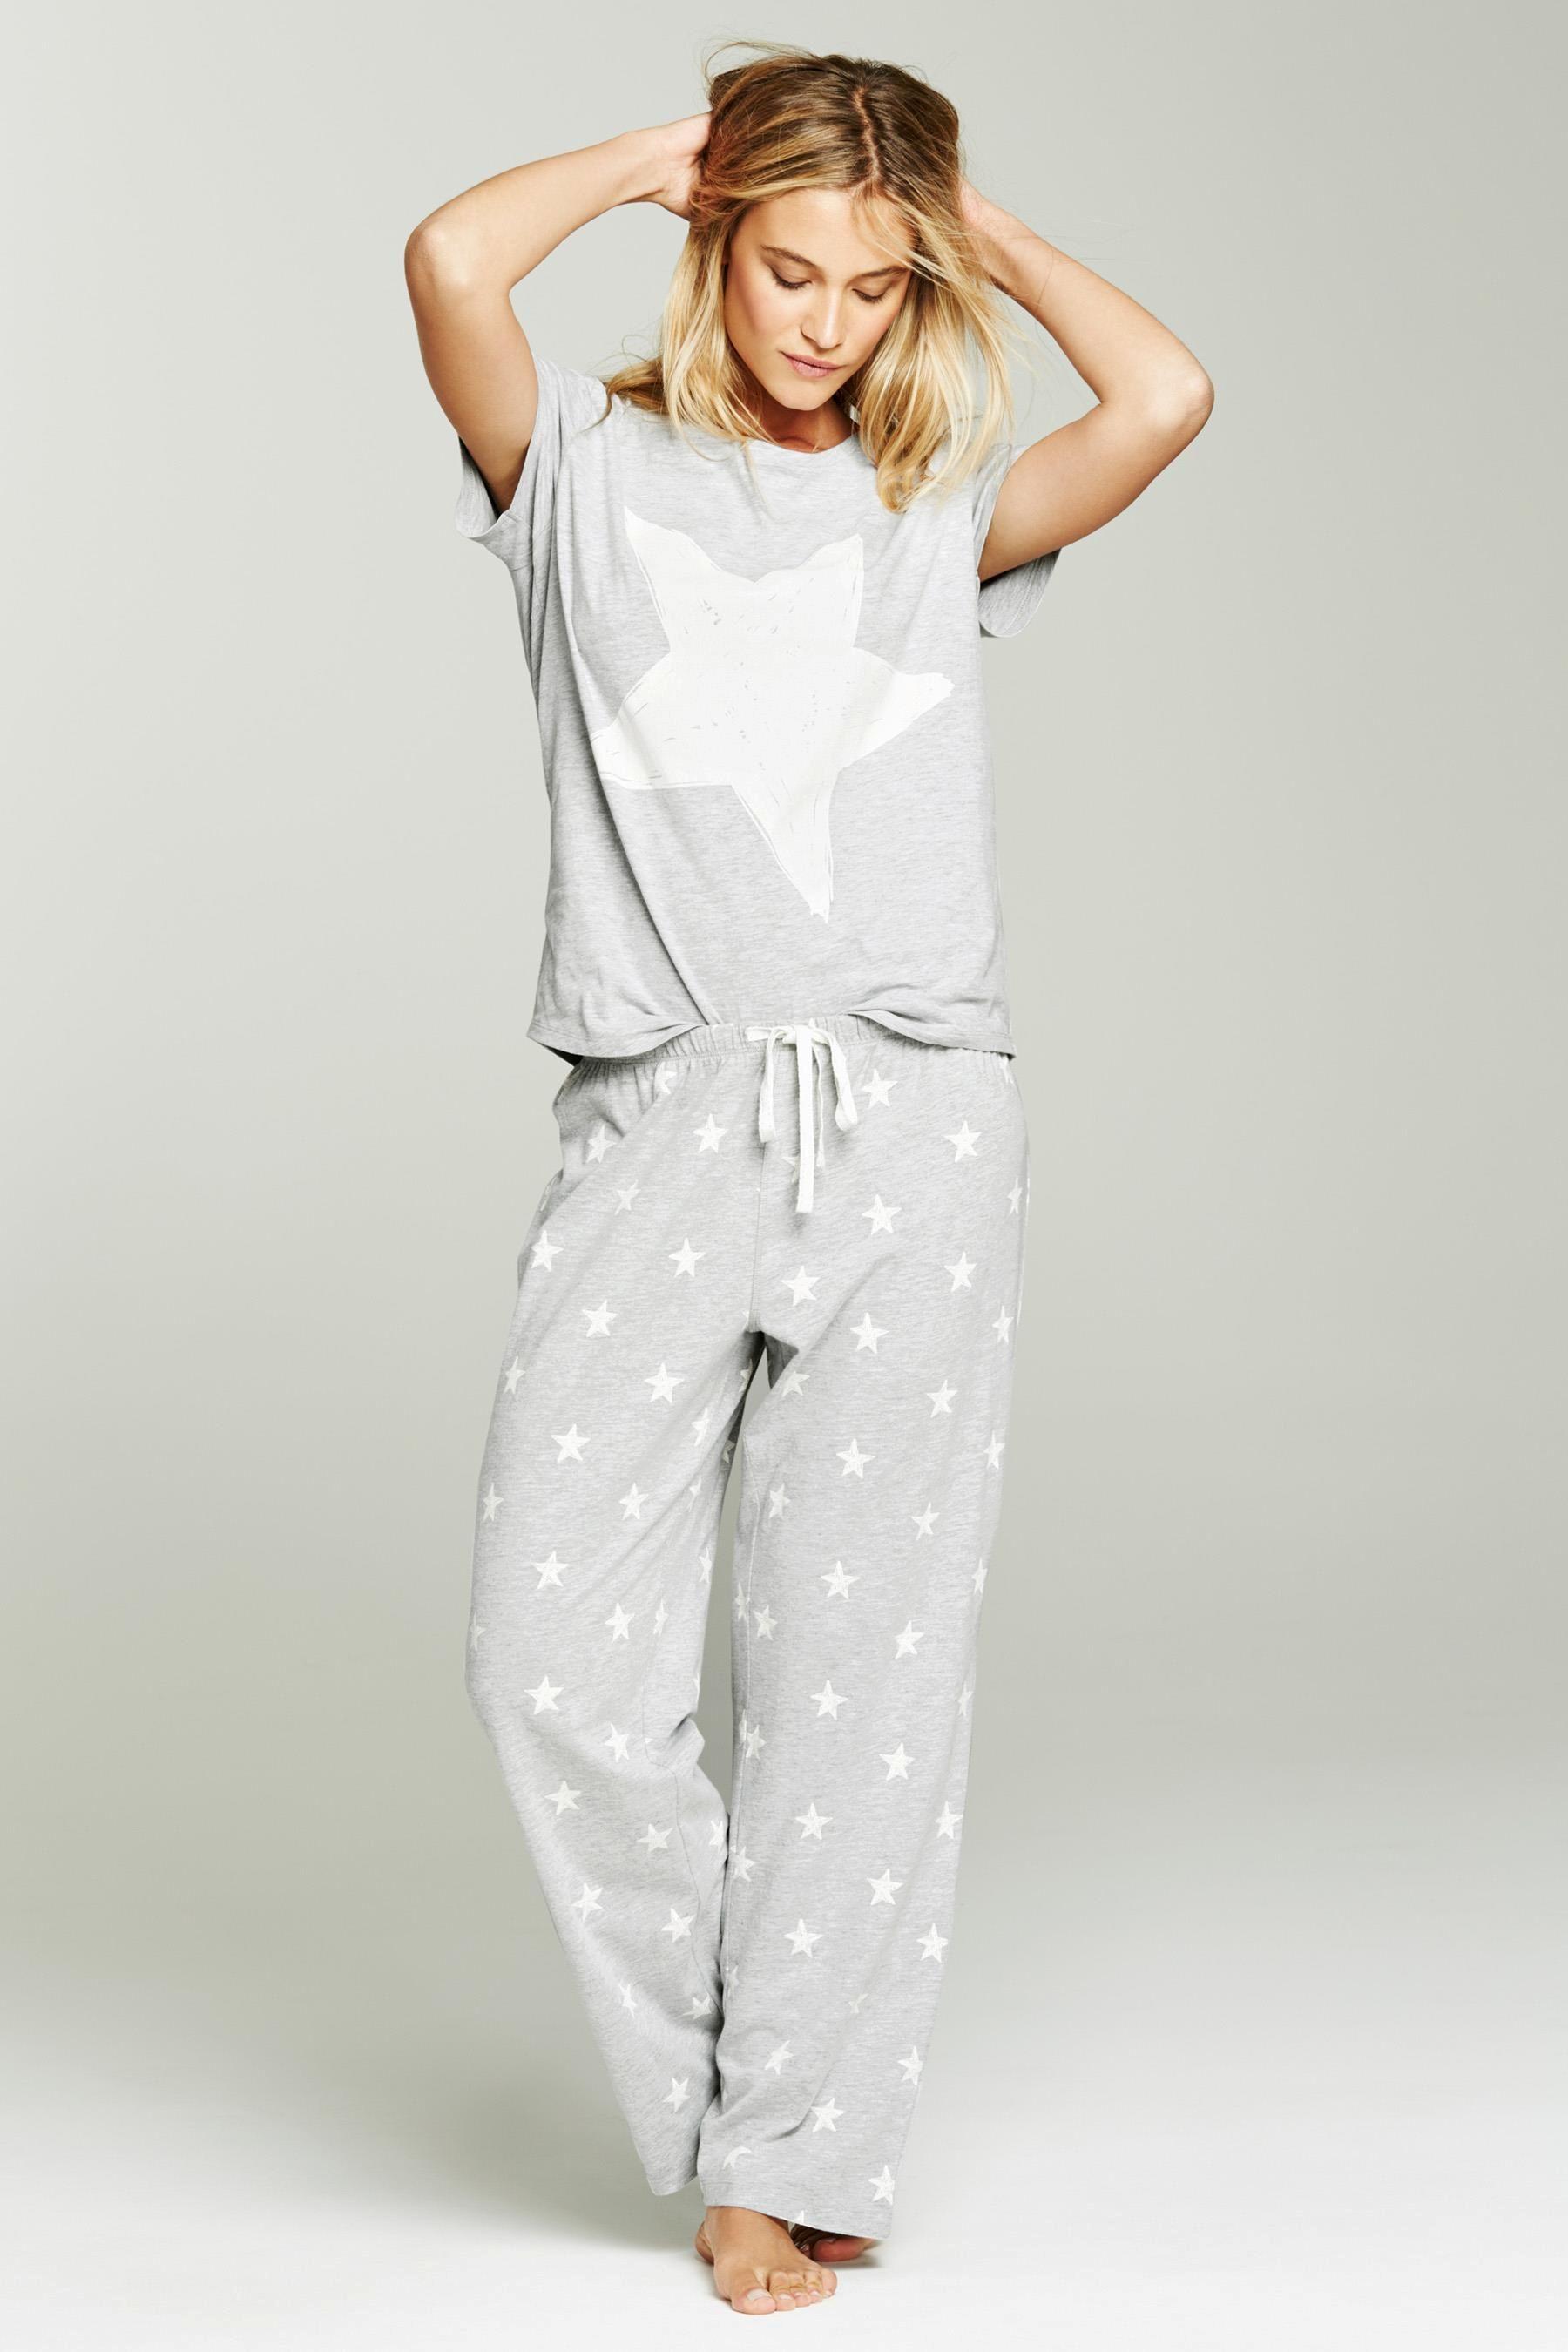 Comprar Pijama Gris Con Estrellas Online Hoy En Next Espana